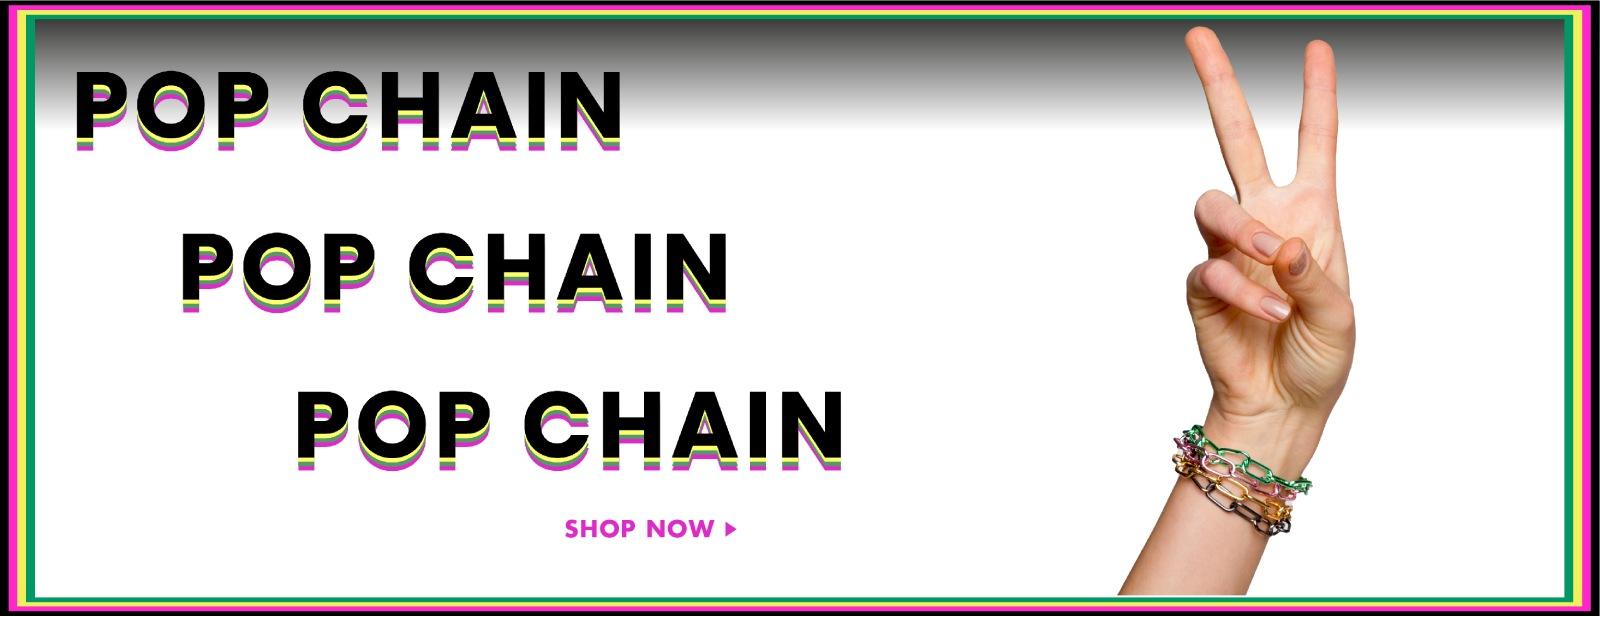 Pop Chain